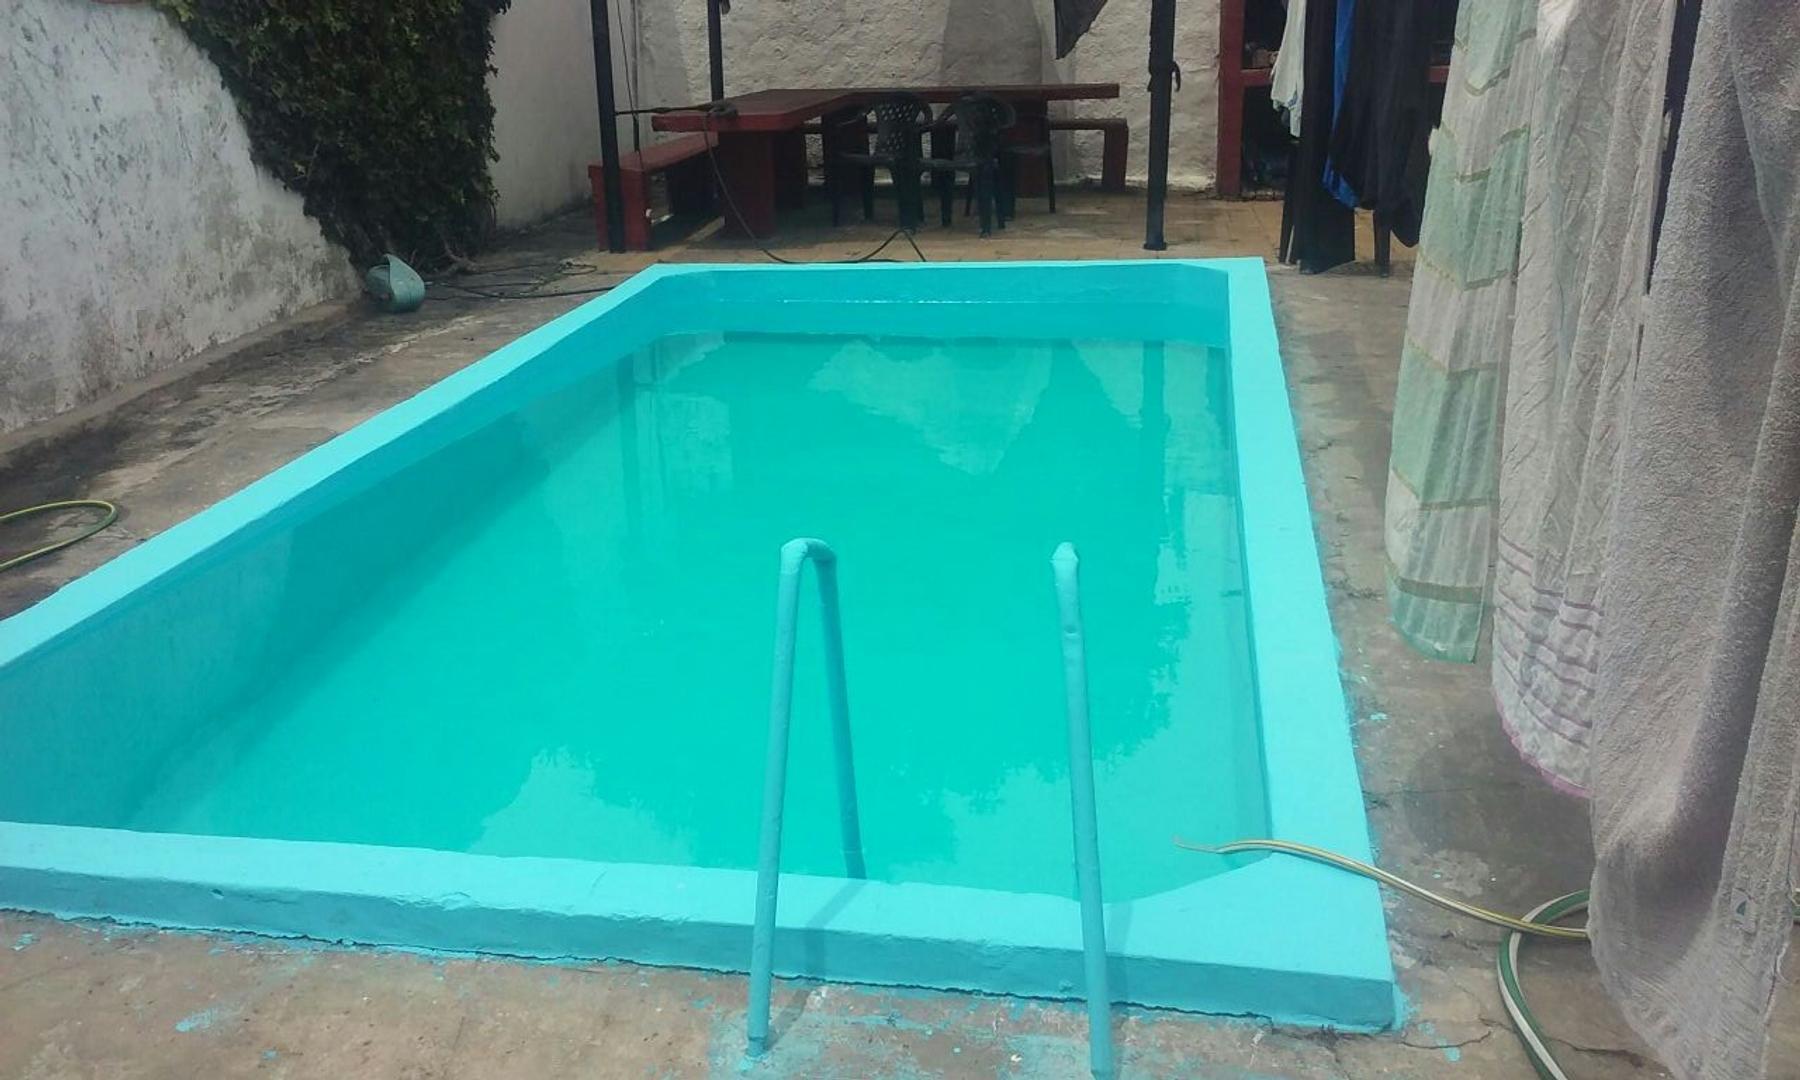 *VENTA Casa 5 AMB Con Pileta y Parque en Lomas de Zamora: Excelente ubicación APTO CREDITO